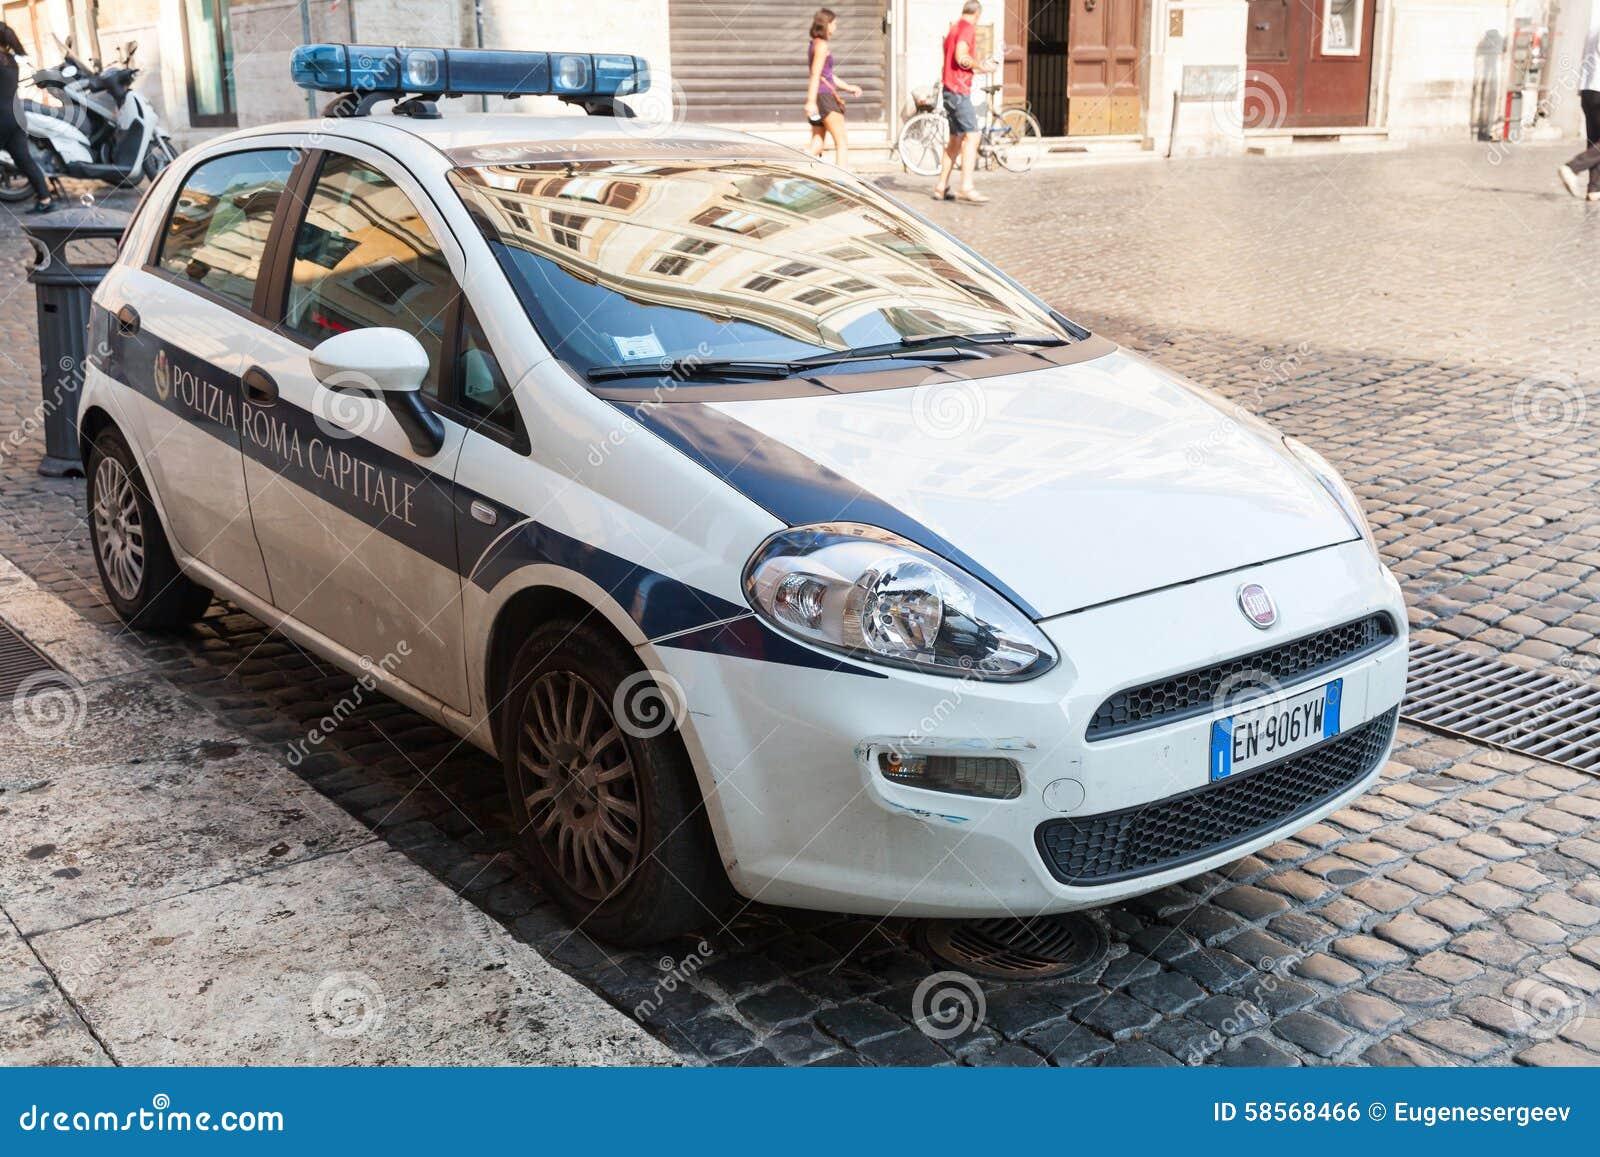 White Fiat Punto Police Car In Rome Editorial Photo - Image of fiat on fiat multipla, fiat marea, fiat coupe, fiat ritmo, fiat x1/9, fiat stilo, fiat cars, fiat spider, fiat seicento, fiat 500 abarth, fiat cinquecento, fiat barchetta, fiat bravo, fiat doblo, fiat panda, fiat 500l, fiat linea, fiat 500 turbo,